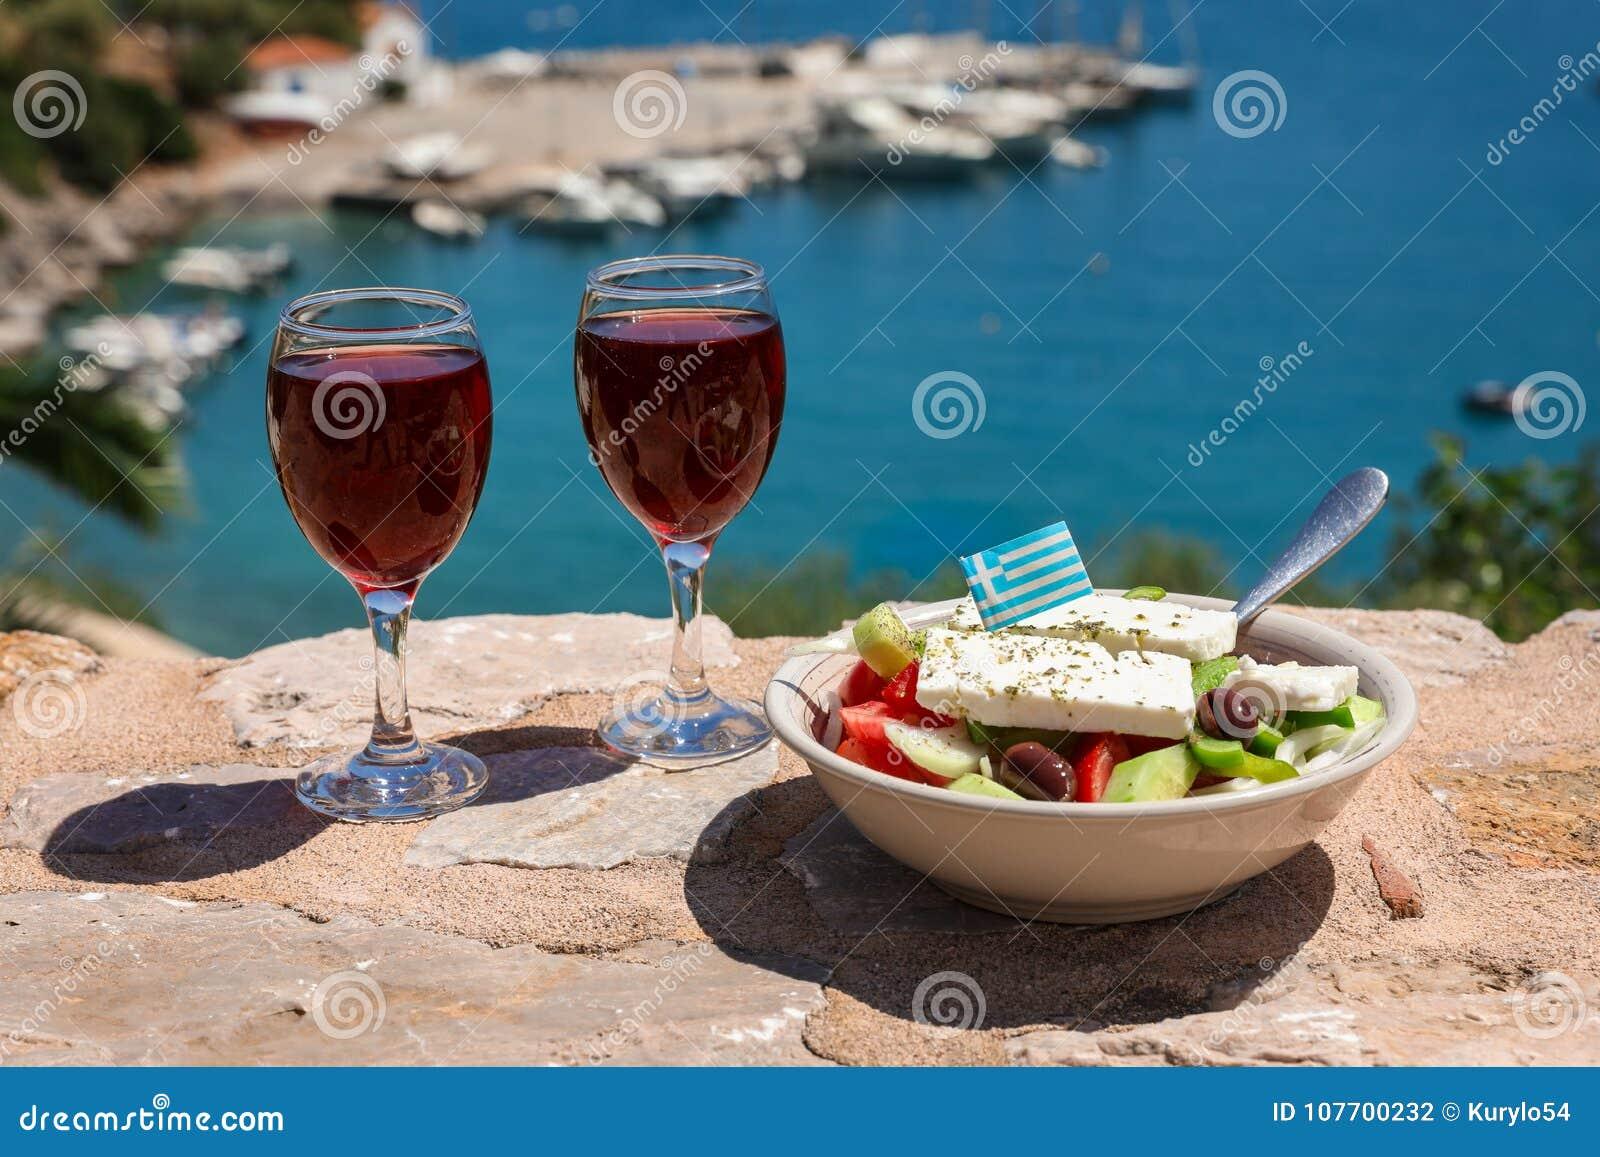 Zwei Gläser des Rotweins und der Schüssel griechischen Salats mit griechischer Flagge an durch die Seeansicht, griechisches Feier